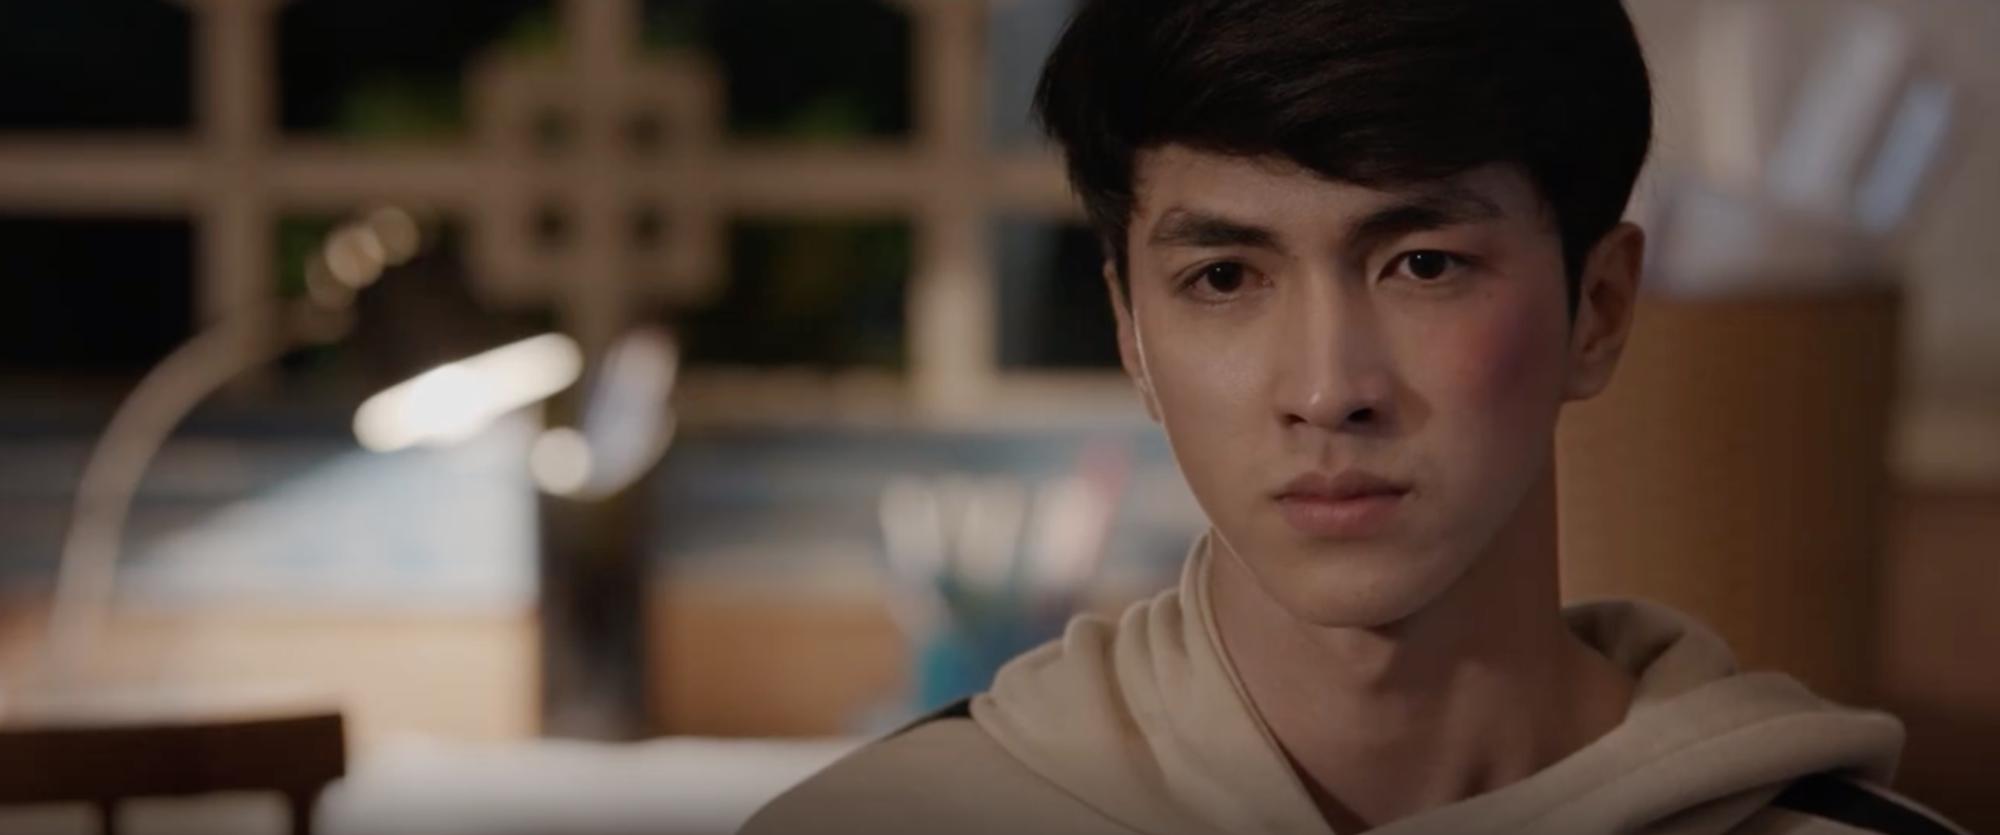 Bệnh cũ tái phát, NSƯT Chiều Xuân lại ngất khi gặp Lưu Đê Ly trong Chạy Trốn Thanh Xuân - Ảnh 9.